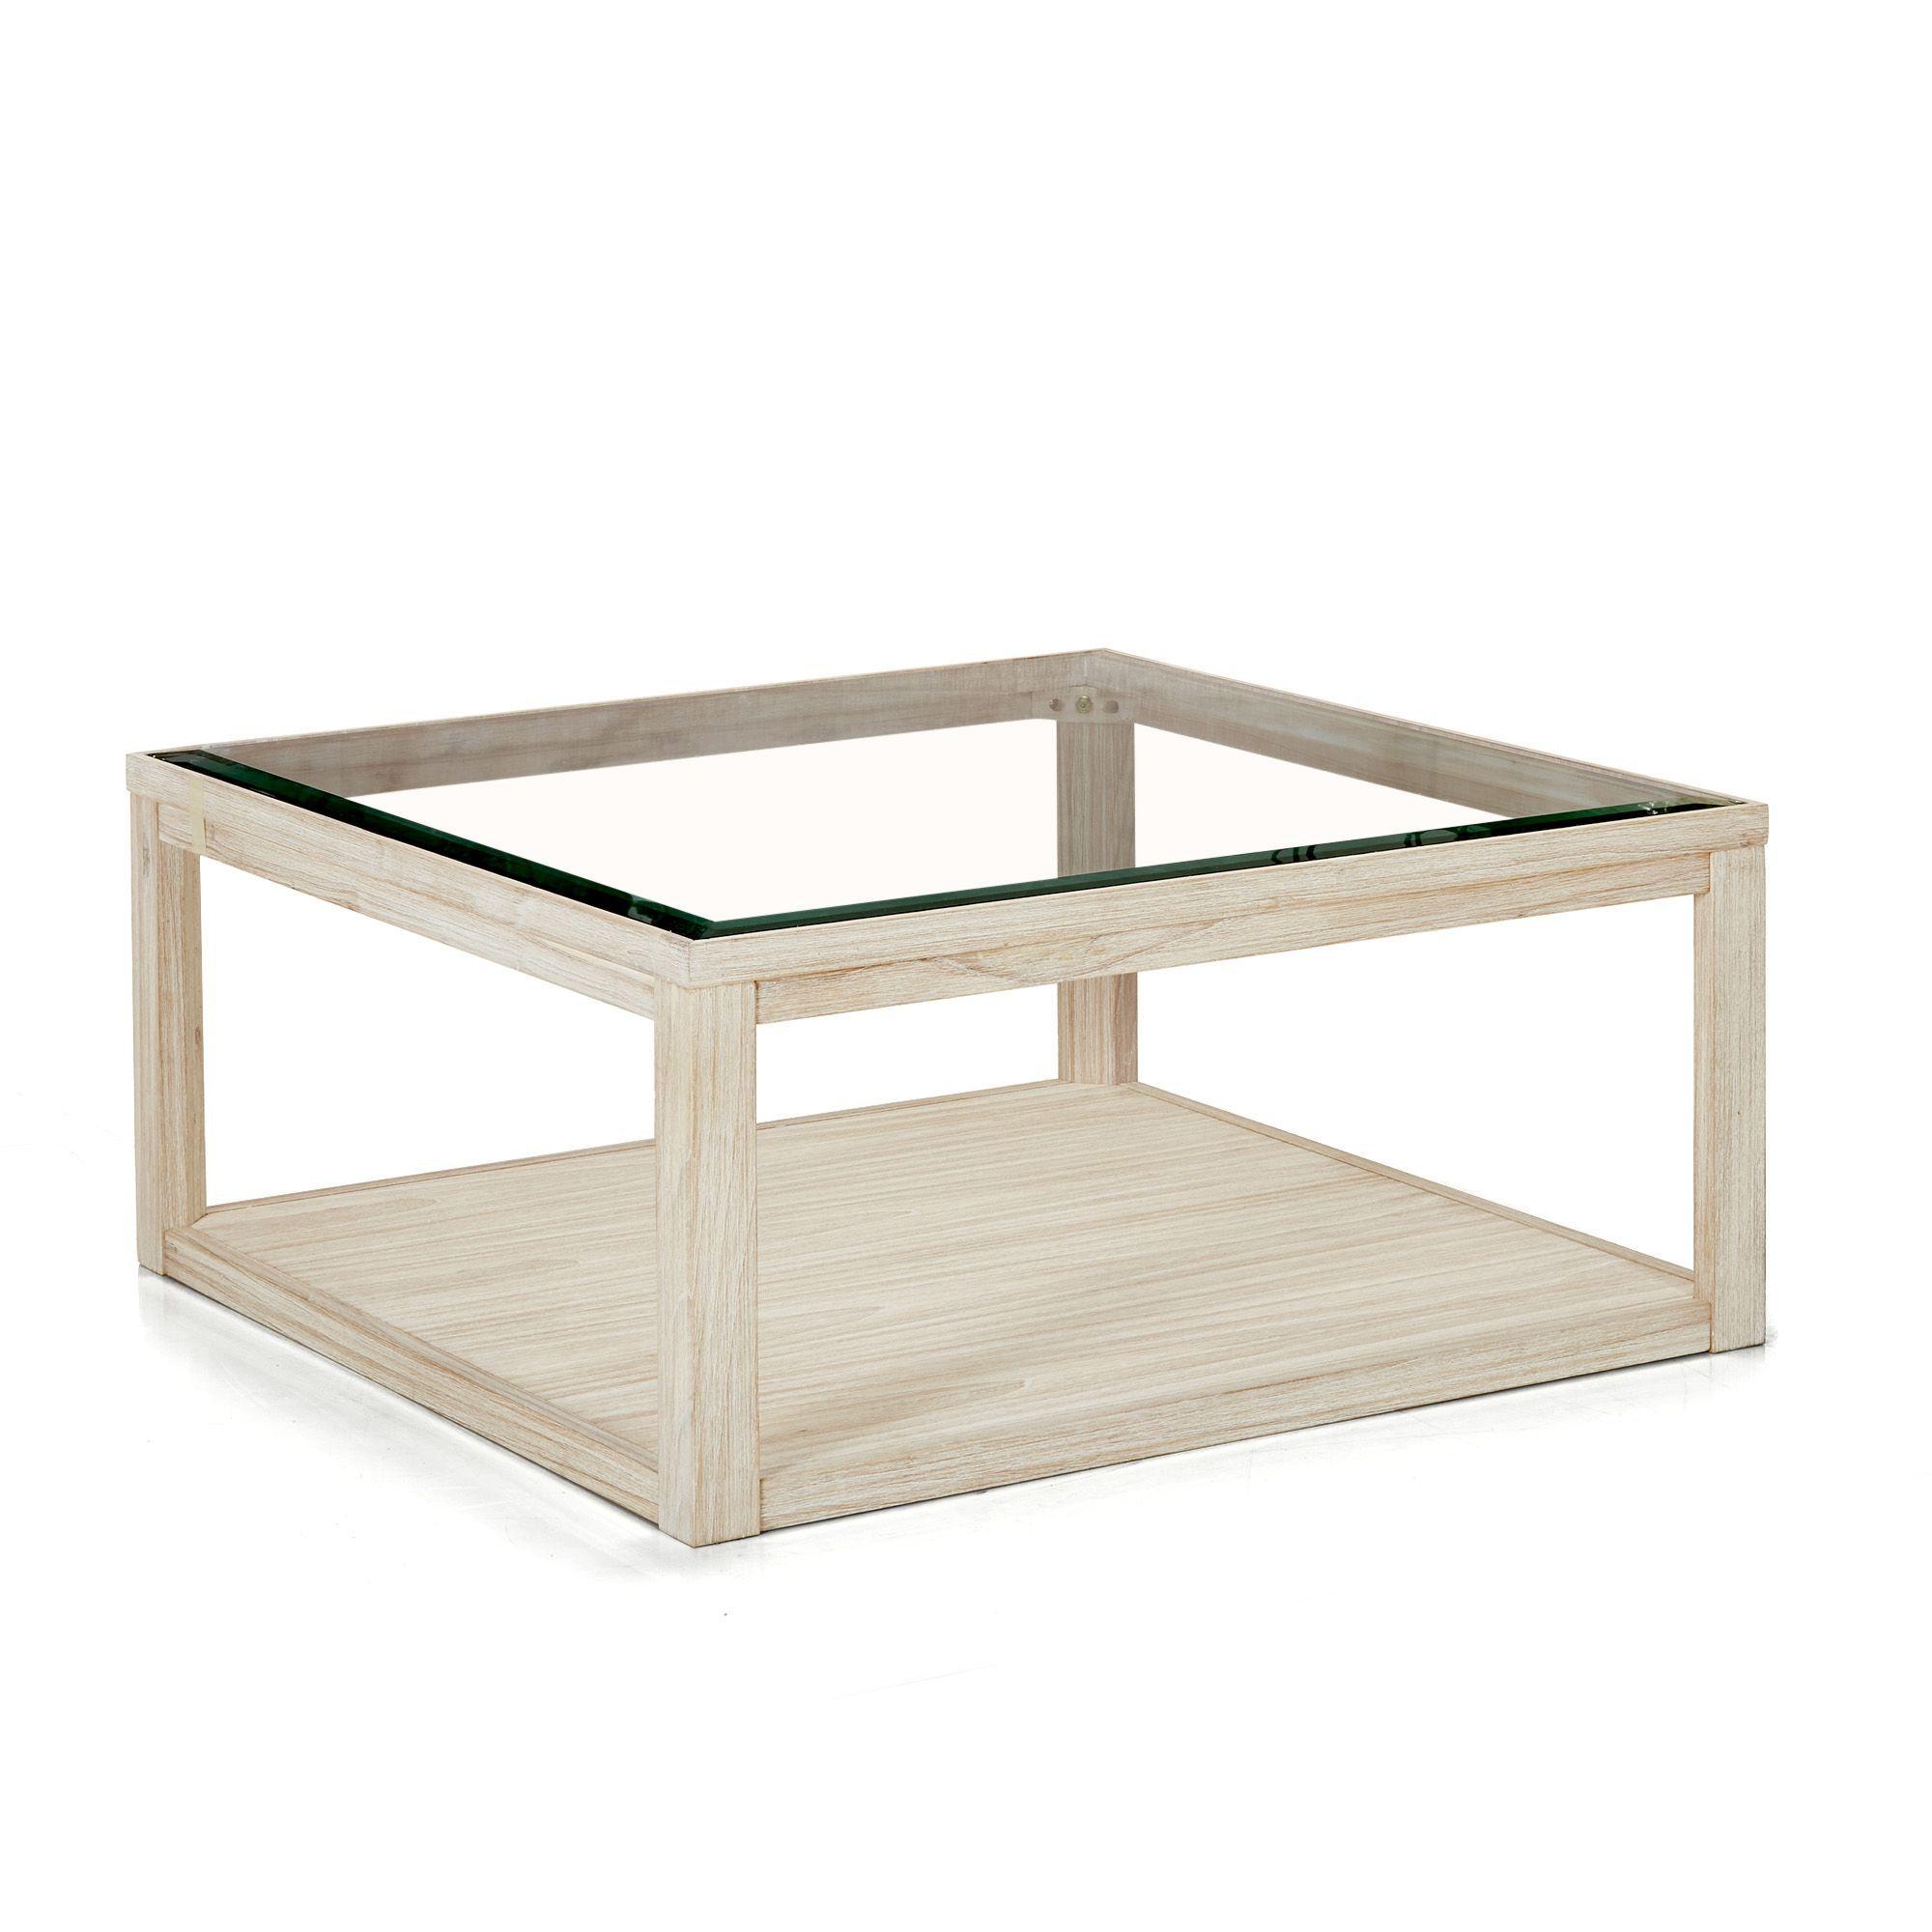 c4cc6456b1c3ef54cdb28c1127e36fc3 Incroyable De Table Basse Palissandre Schème